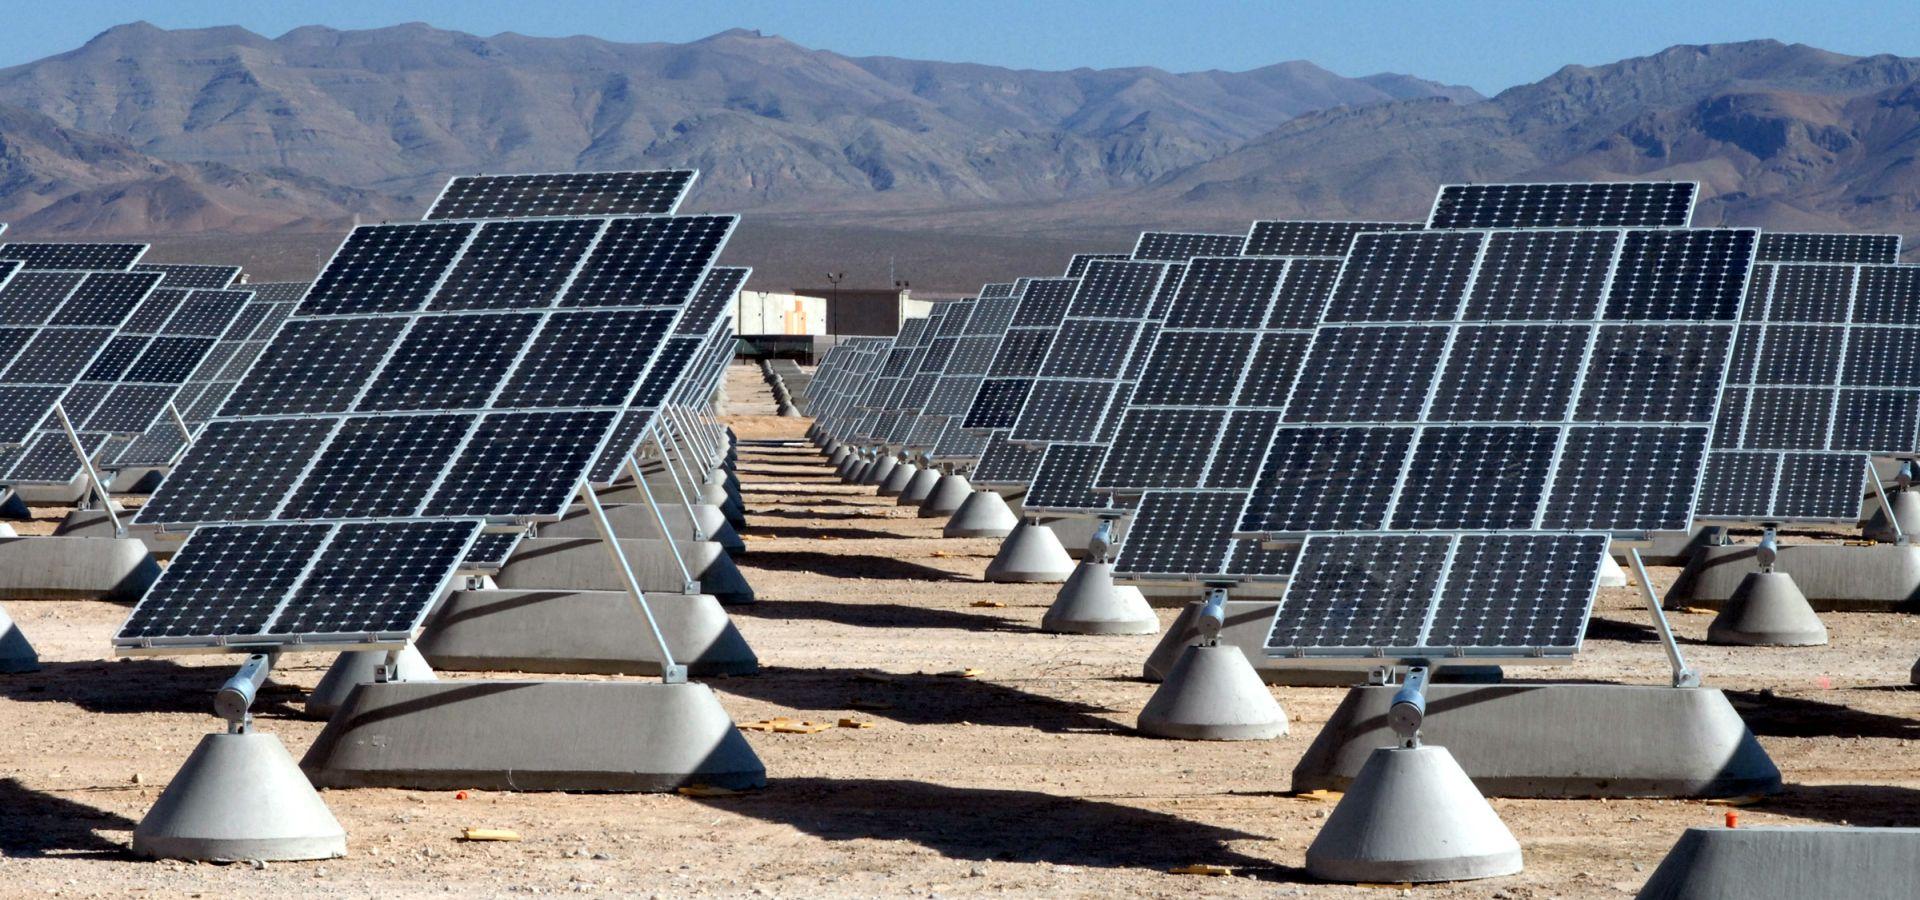 Dual-axis solar tracking arrays follow the sun like sunflowers do.